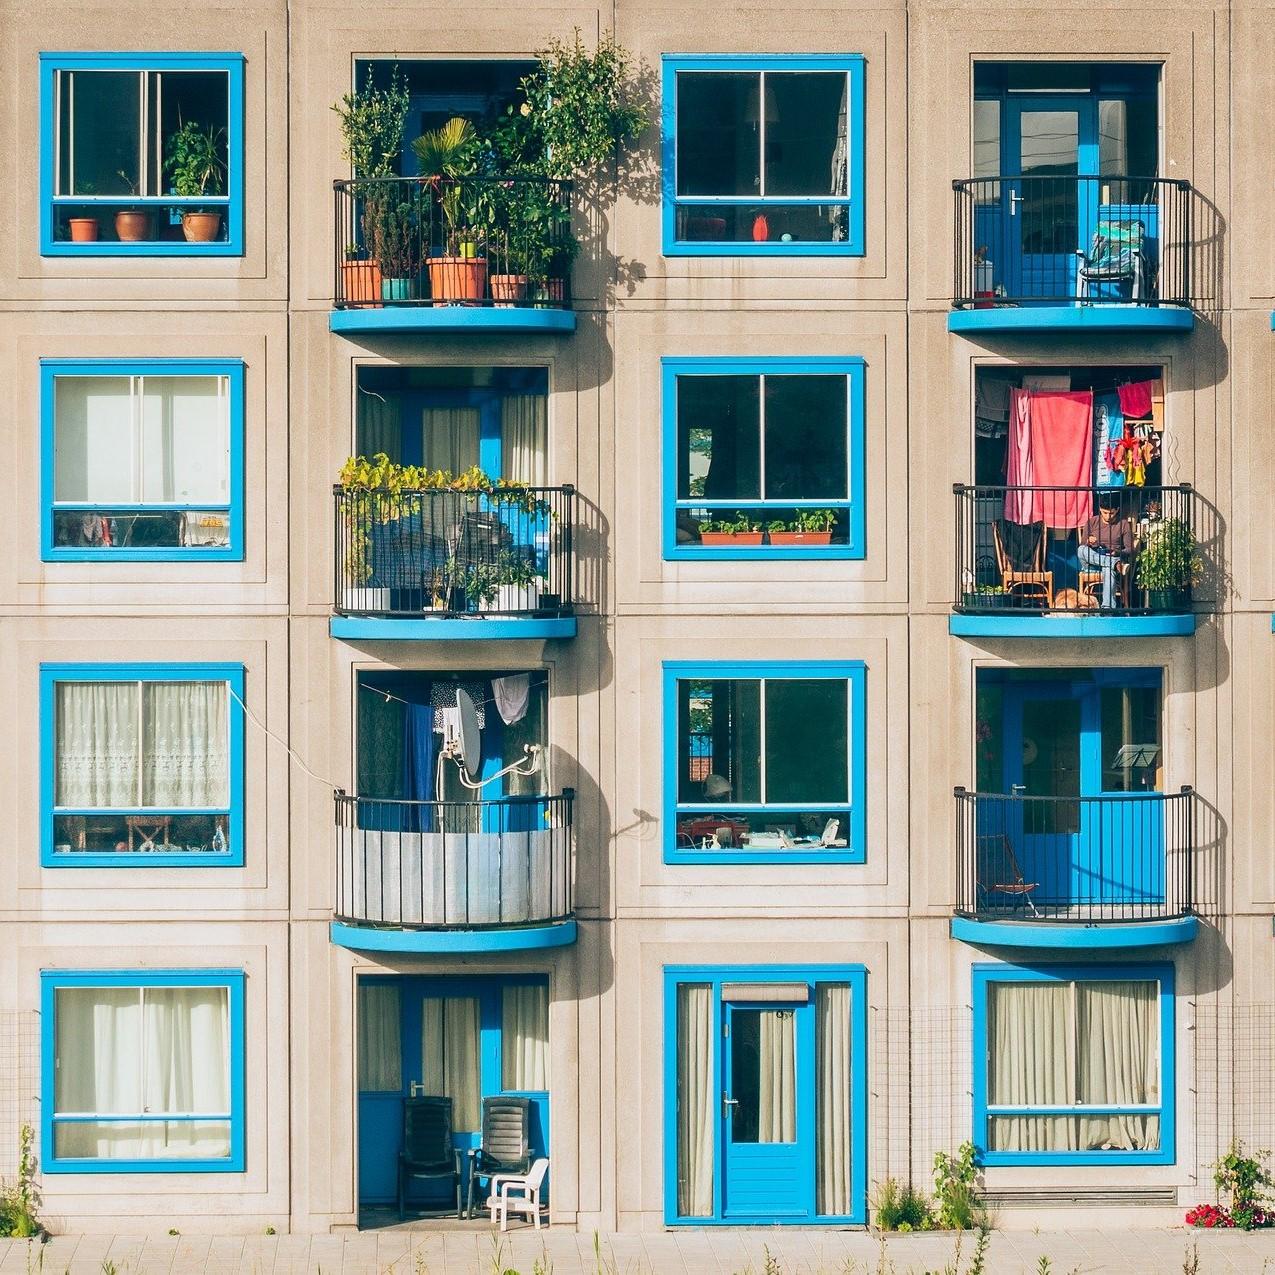 Photographie d'une façade d'immeuble aux encadrements de fenêtres bleus